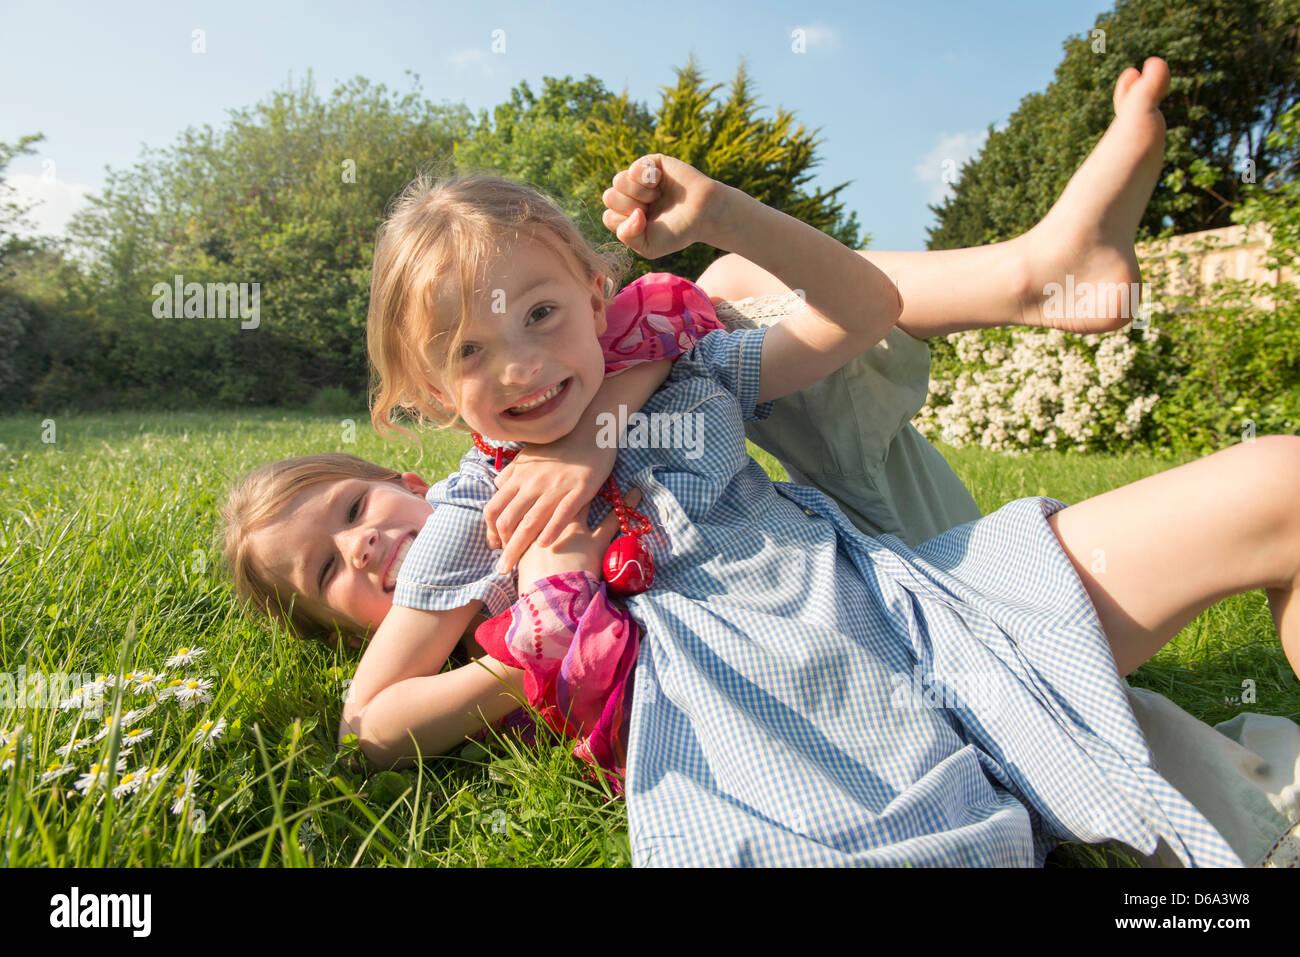 Las niñas juegan juntos en el césped Imagen De Stock